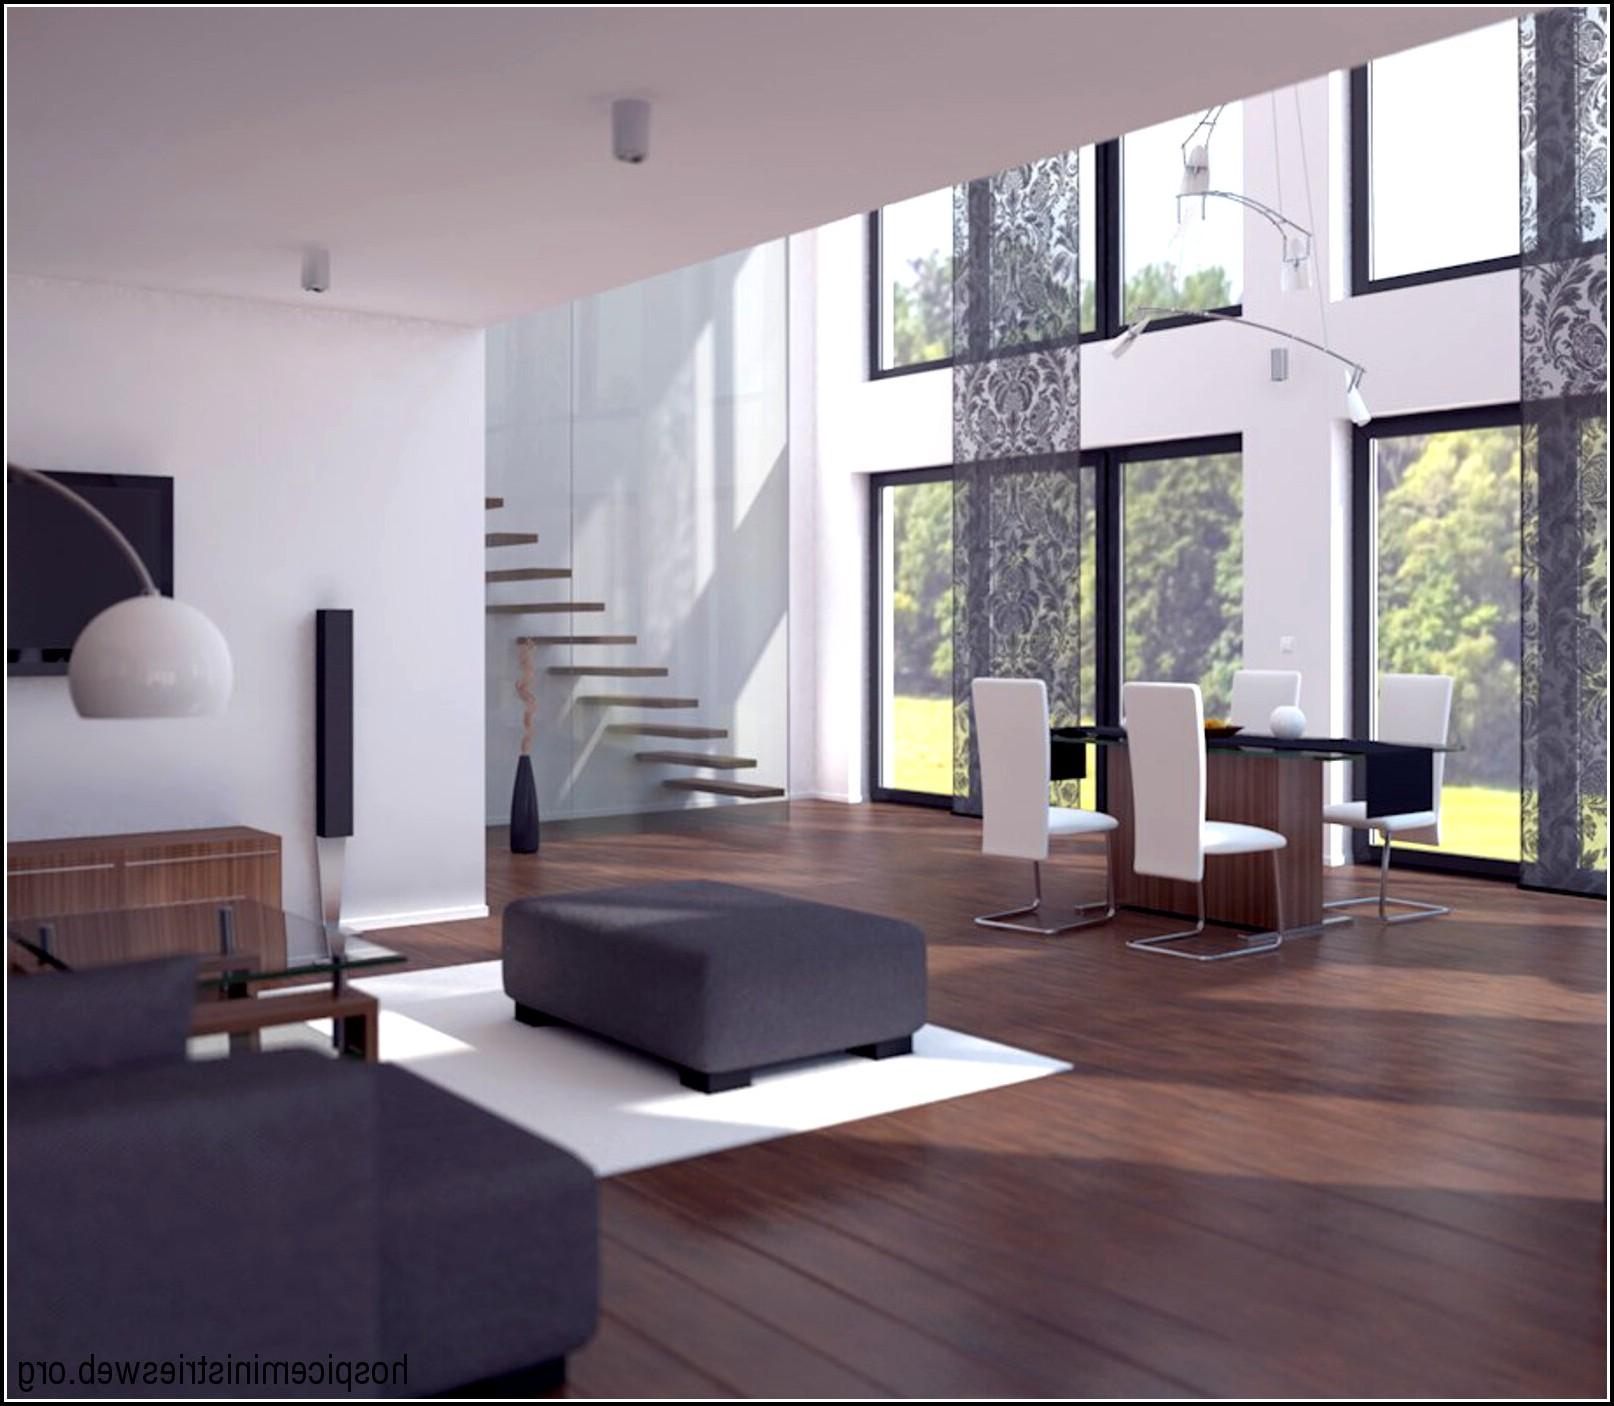 Moderne Wohnzimmergestaltung Bilder Download Page  beste Wohnideen Galerie